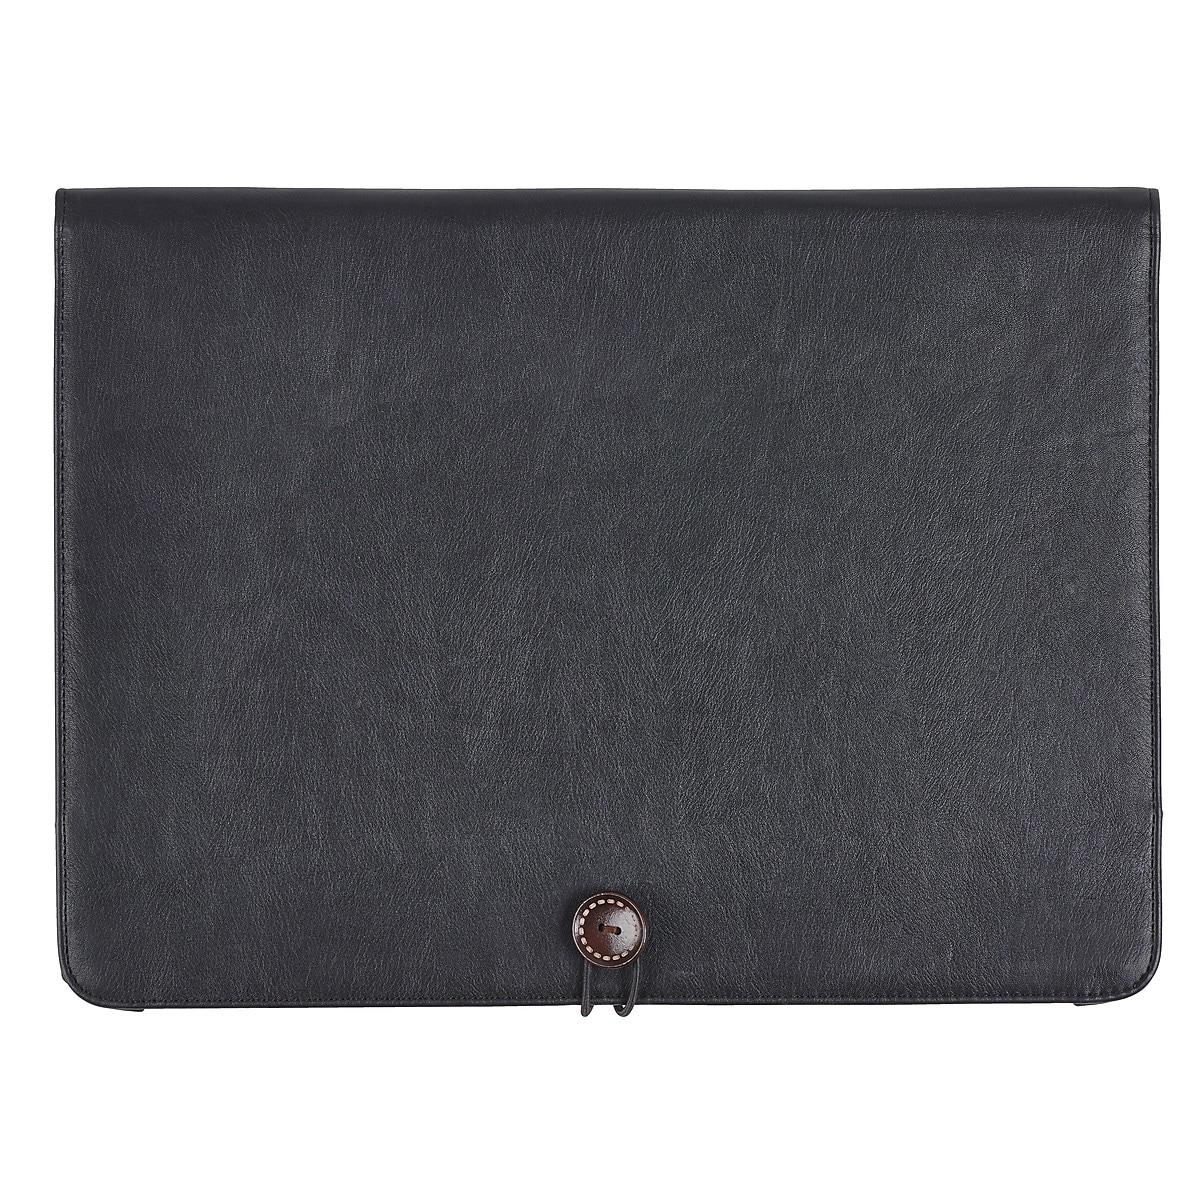 Laptopfodral för MacBook Air 13